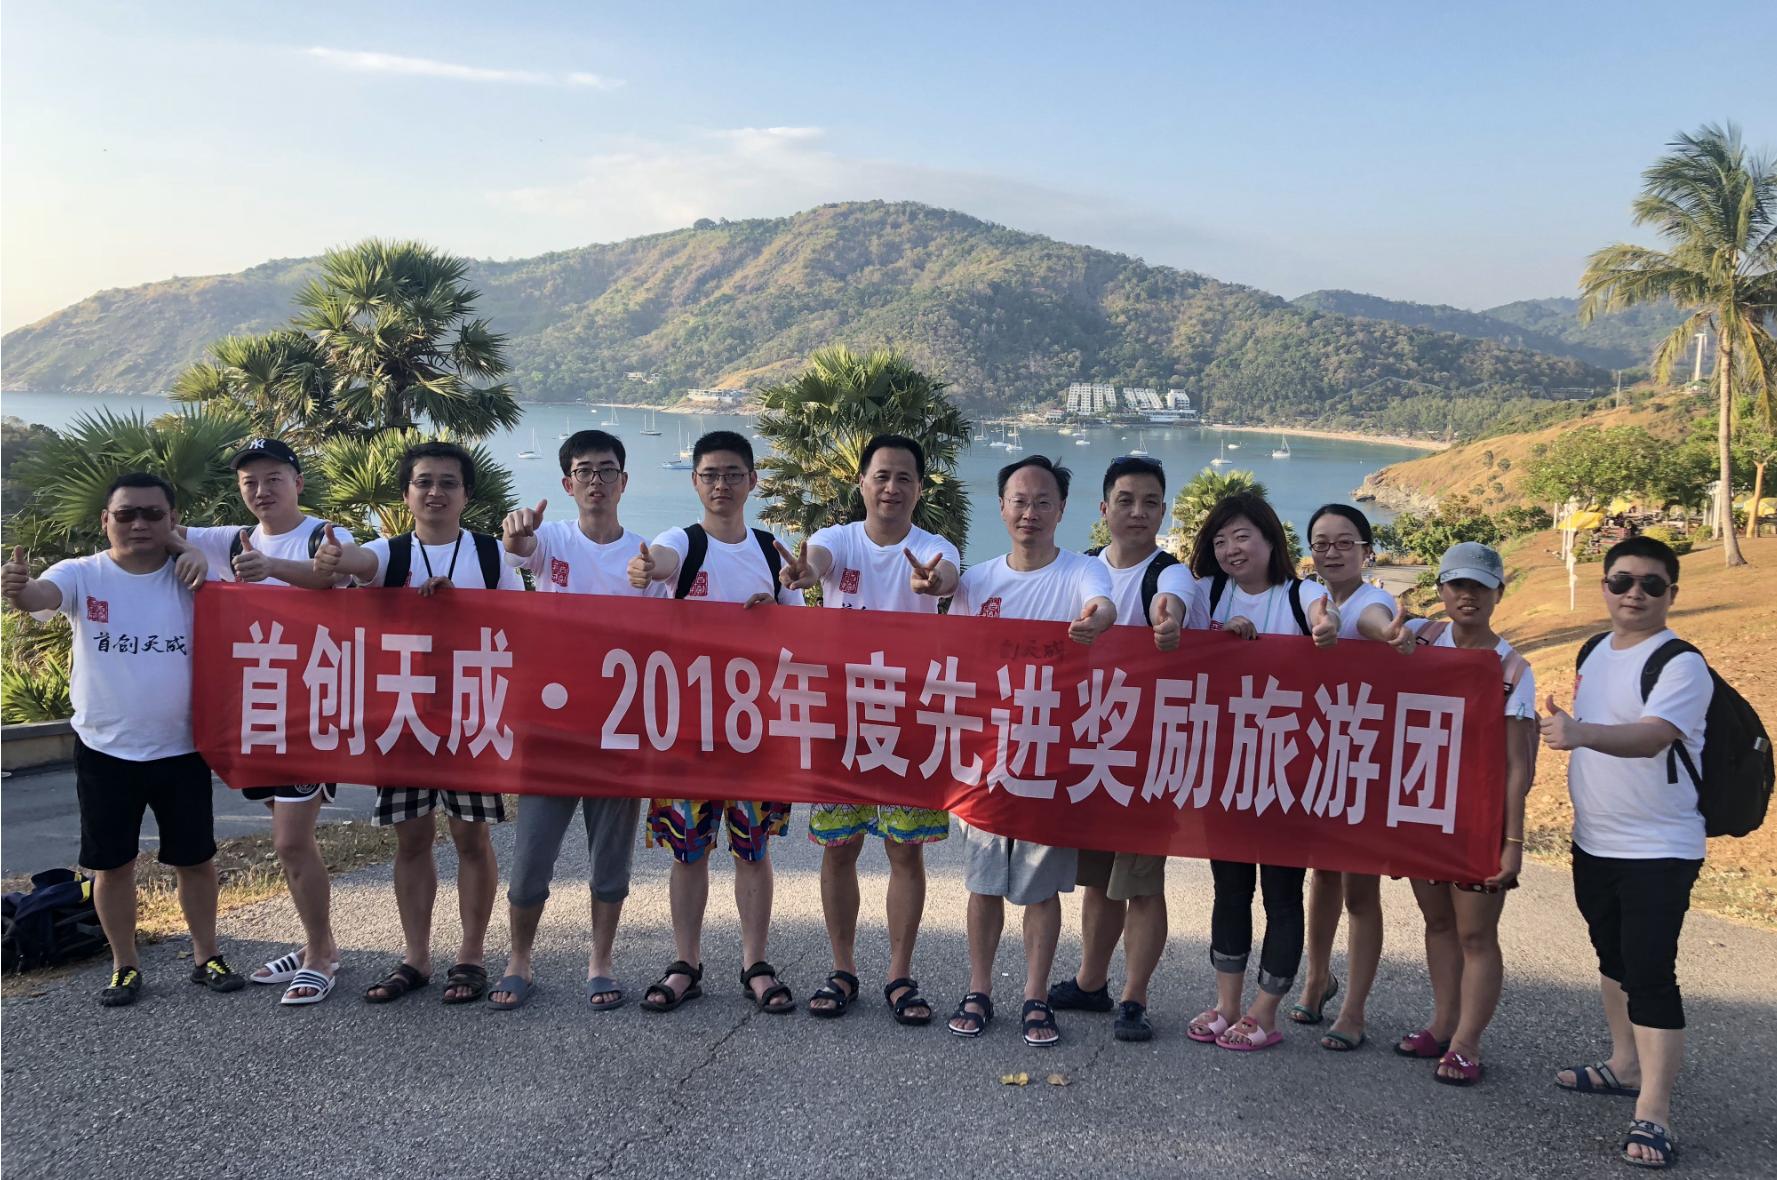 2018年度先进旅游团赴泰国旅游